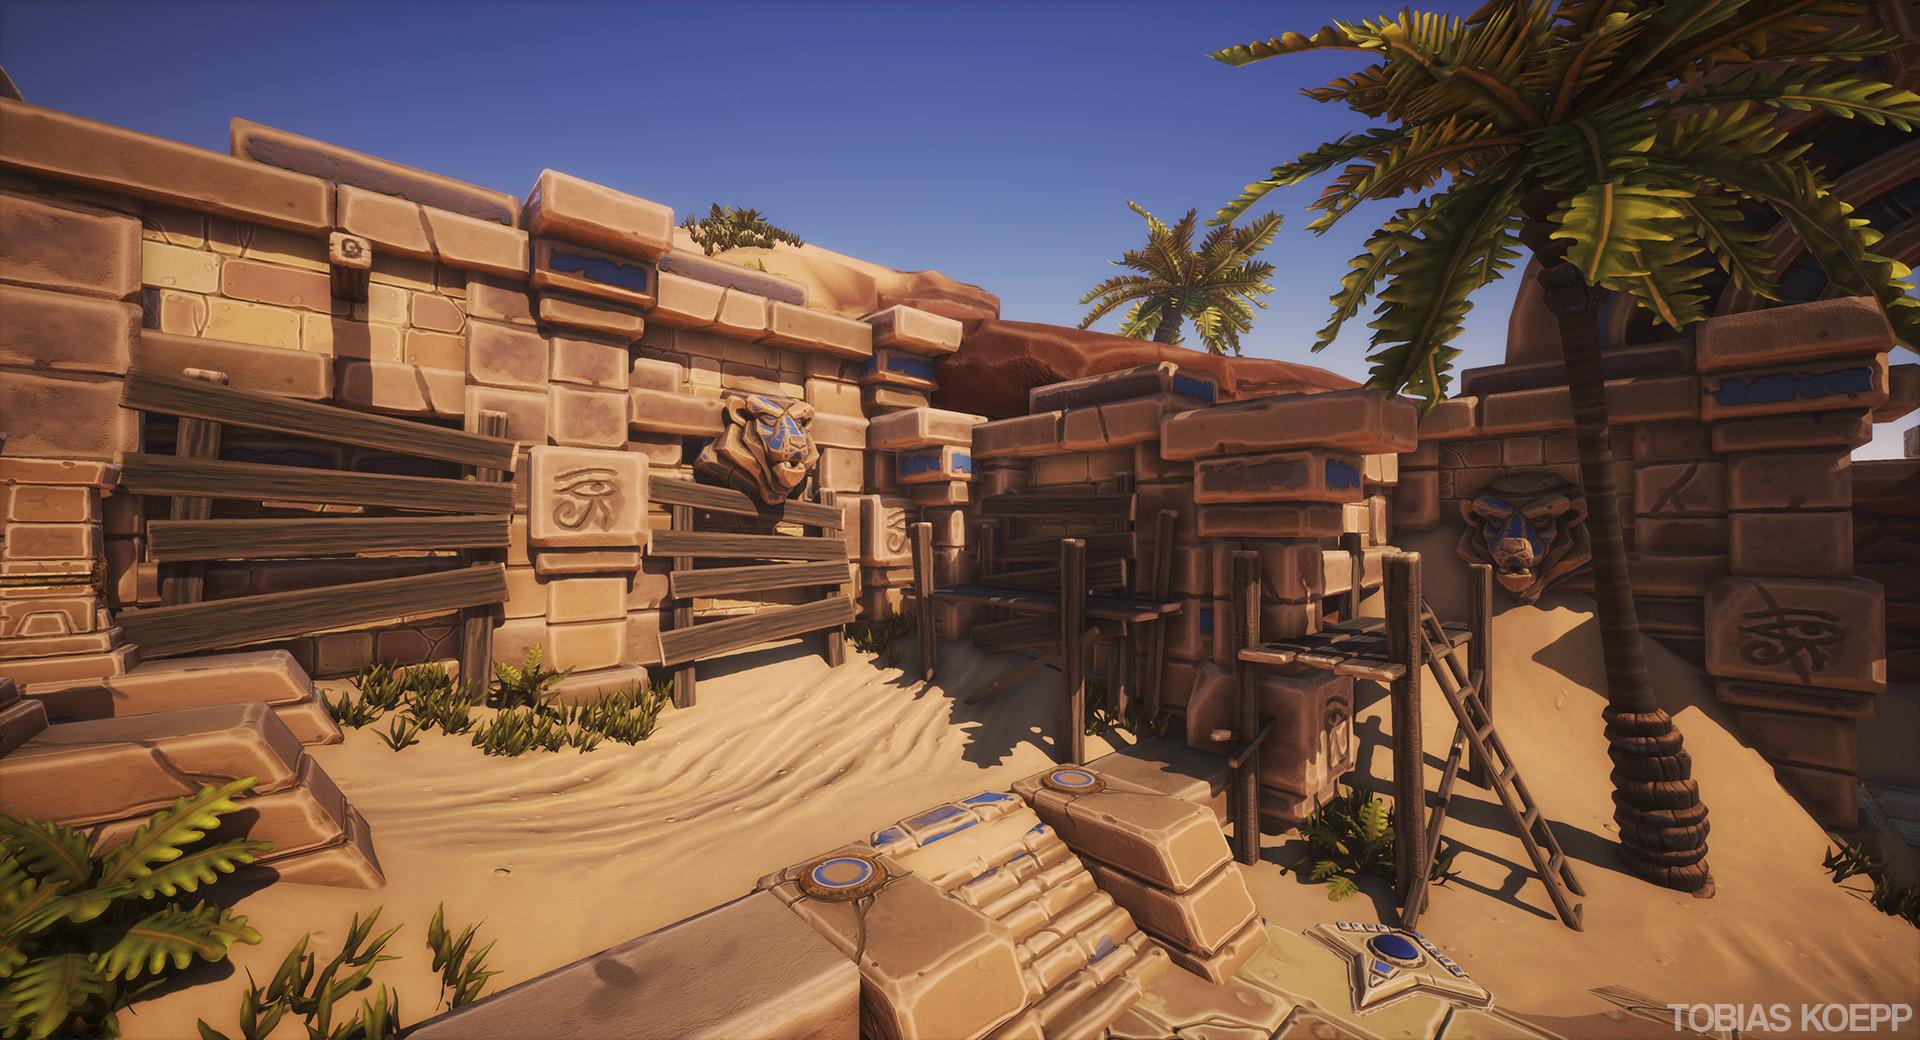 Tobias koepp oasis tobiaskoepp 06